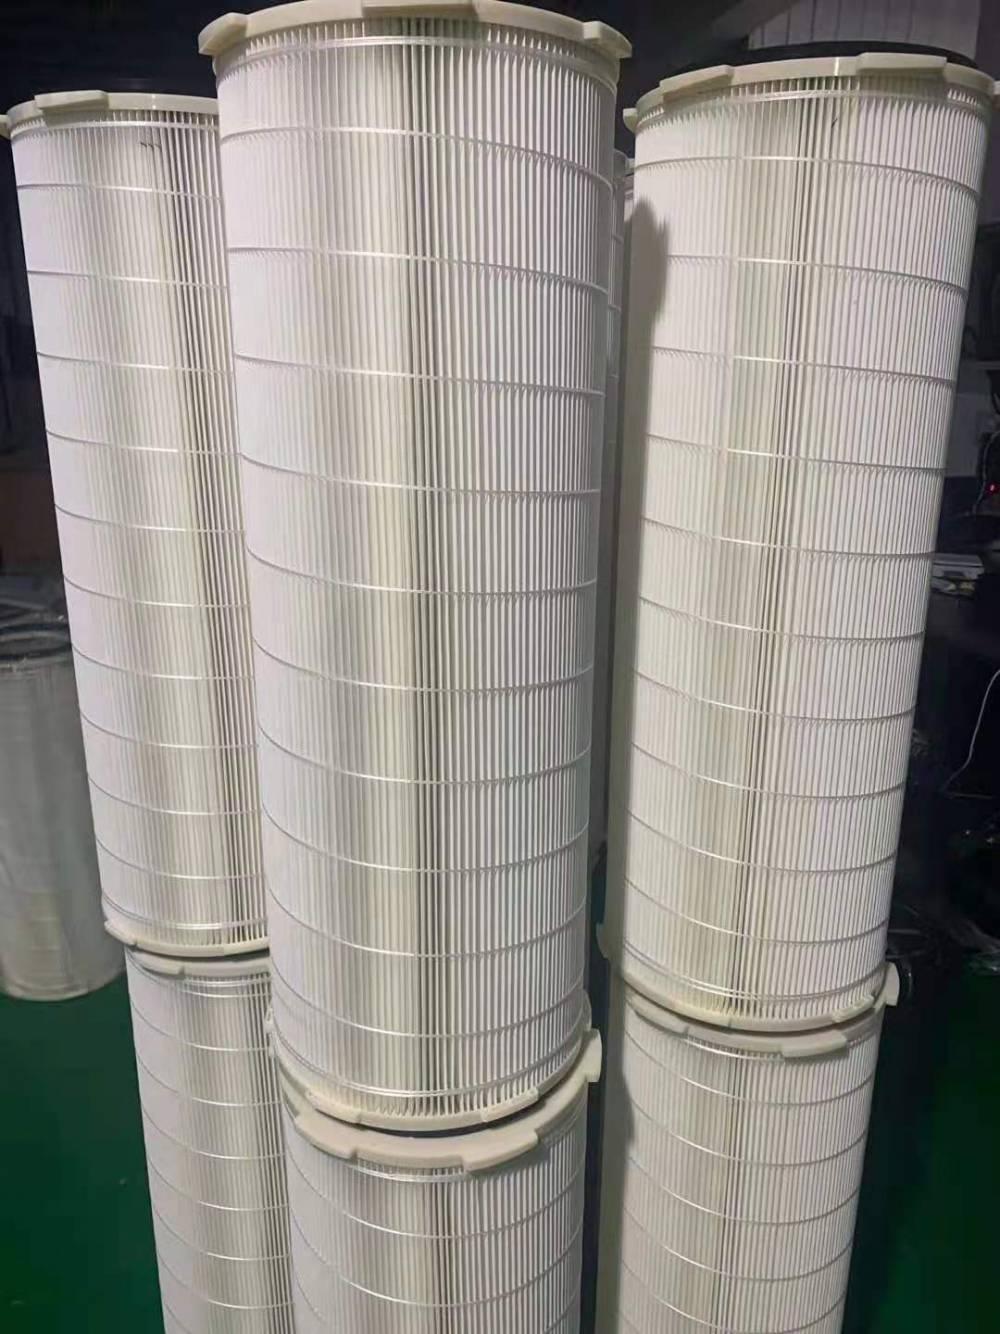 厂家生产酸碱废气吸收净化玻璃纤维除尘器除尘滤芯 滤筒